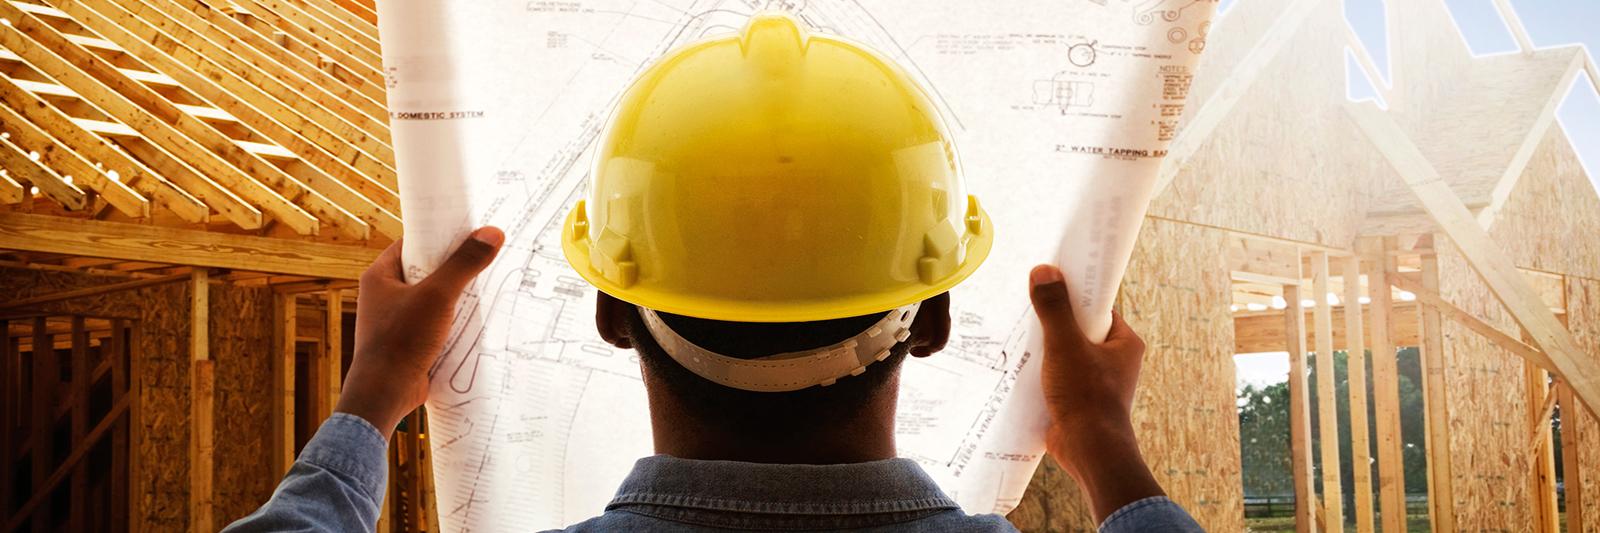 contractor_blueprint.jpg